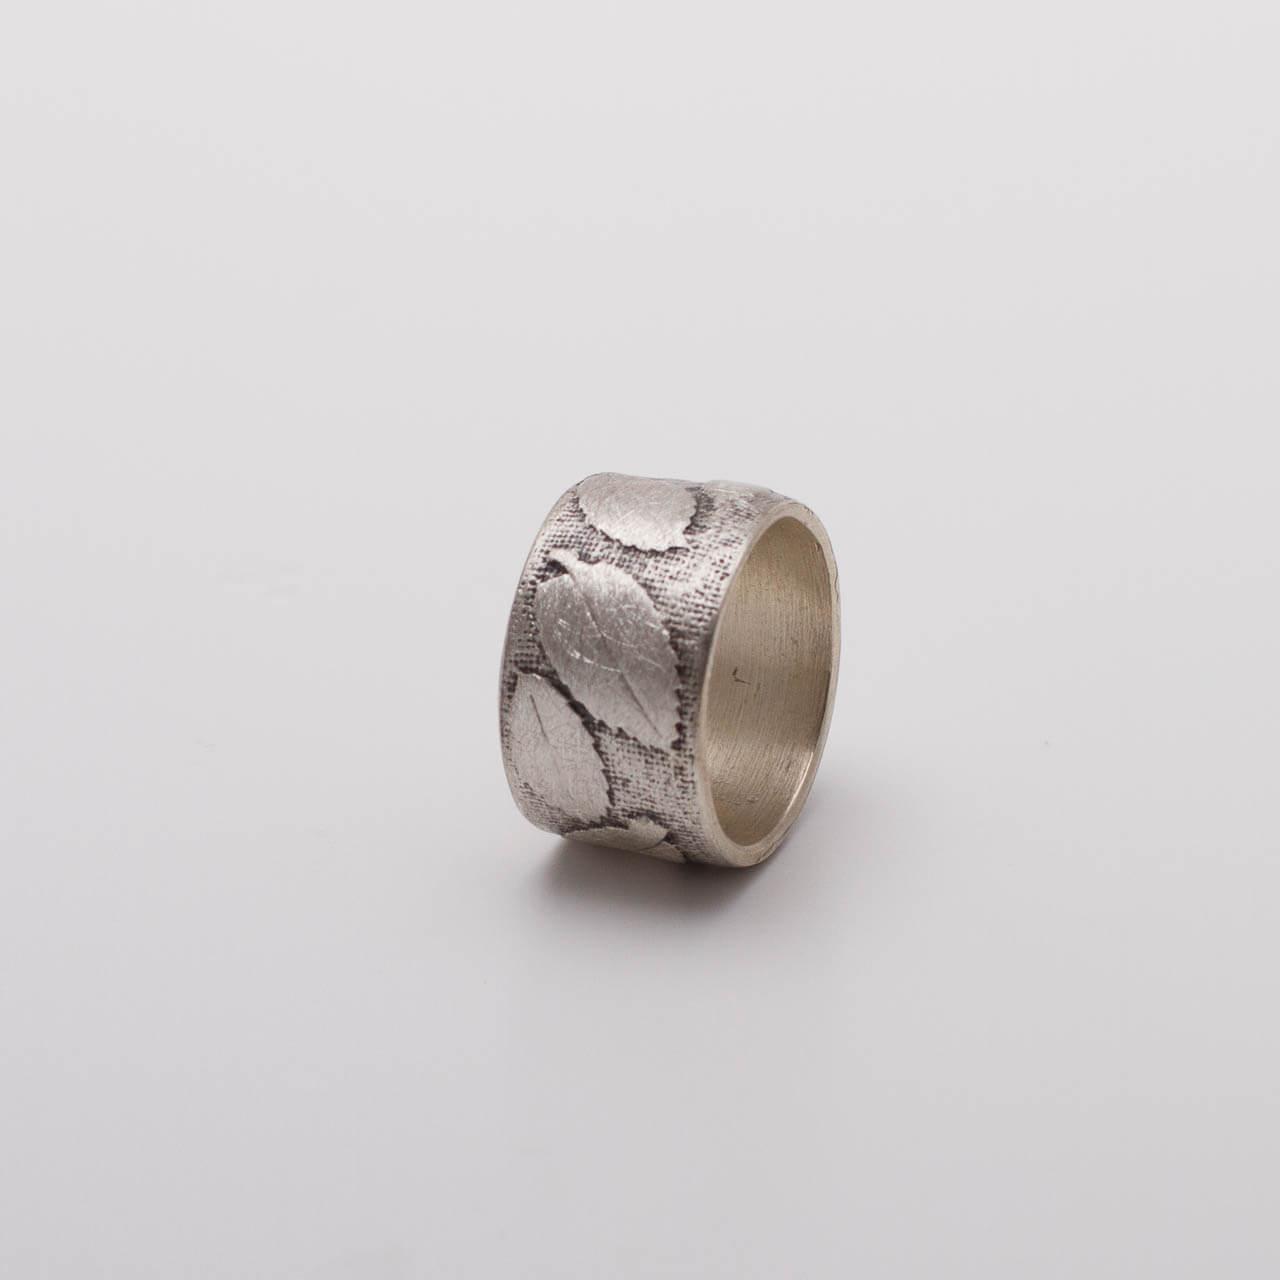 Breiter Silberrring mit Blattmuster, (Preisbeispiel 89Euro) leicht geschwärzt und mit Struktur, Preisbeispiel 89€, Breite 0,8cm Preisbeispiel